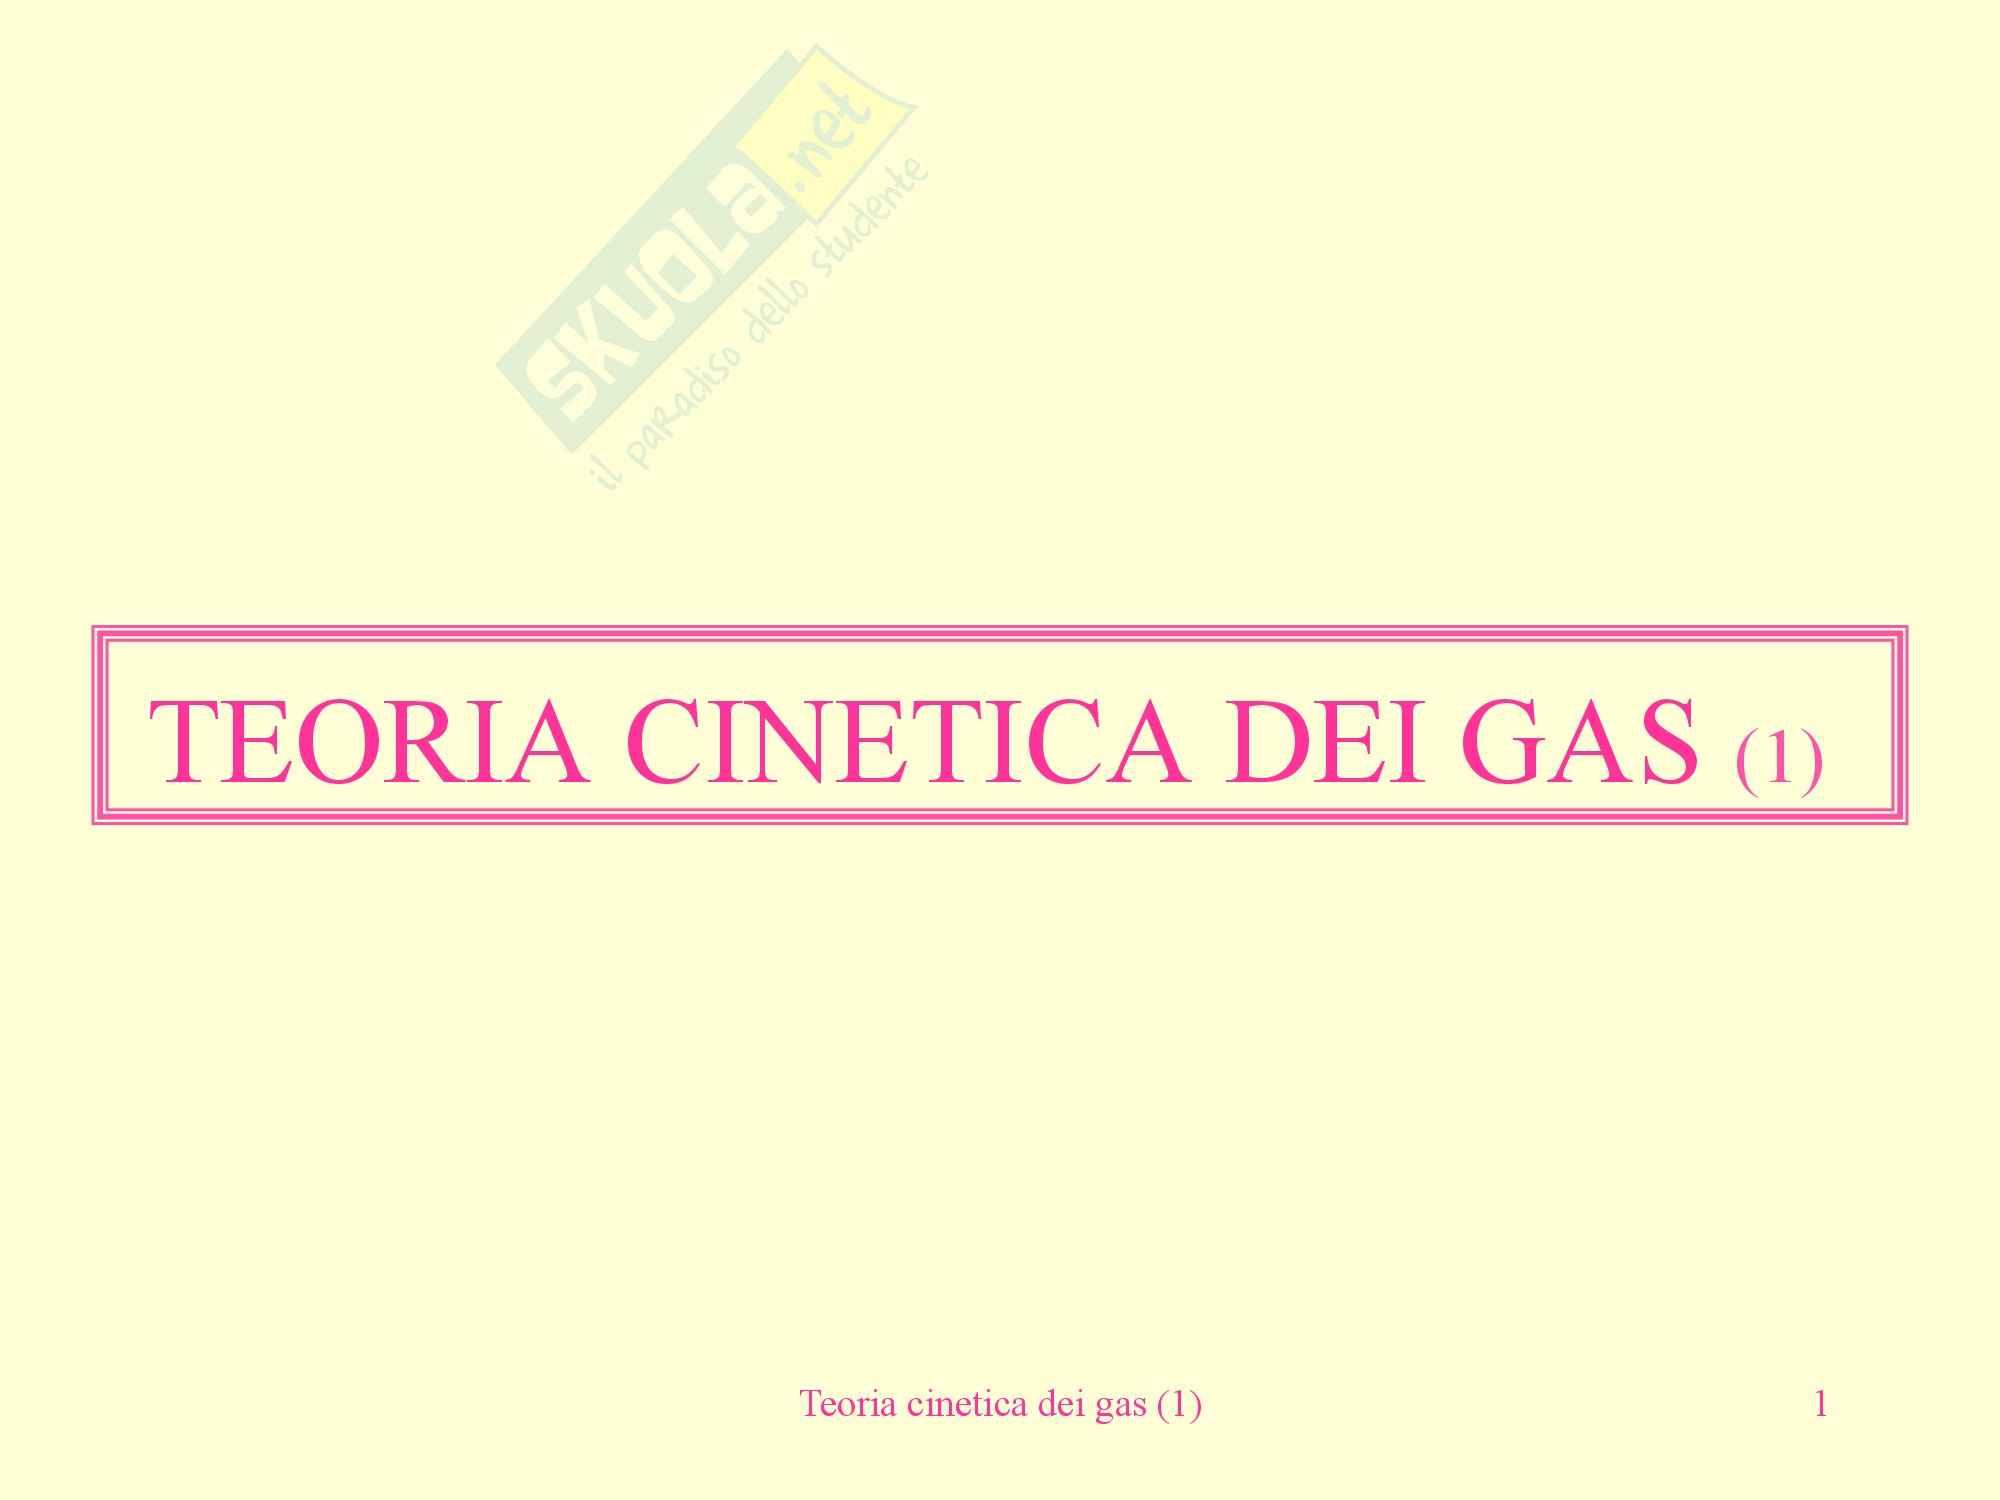 Fisica medica - teoria cinetica dei gas